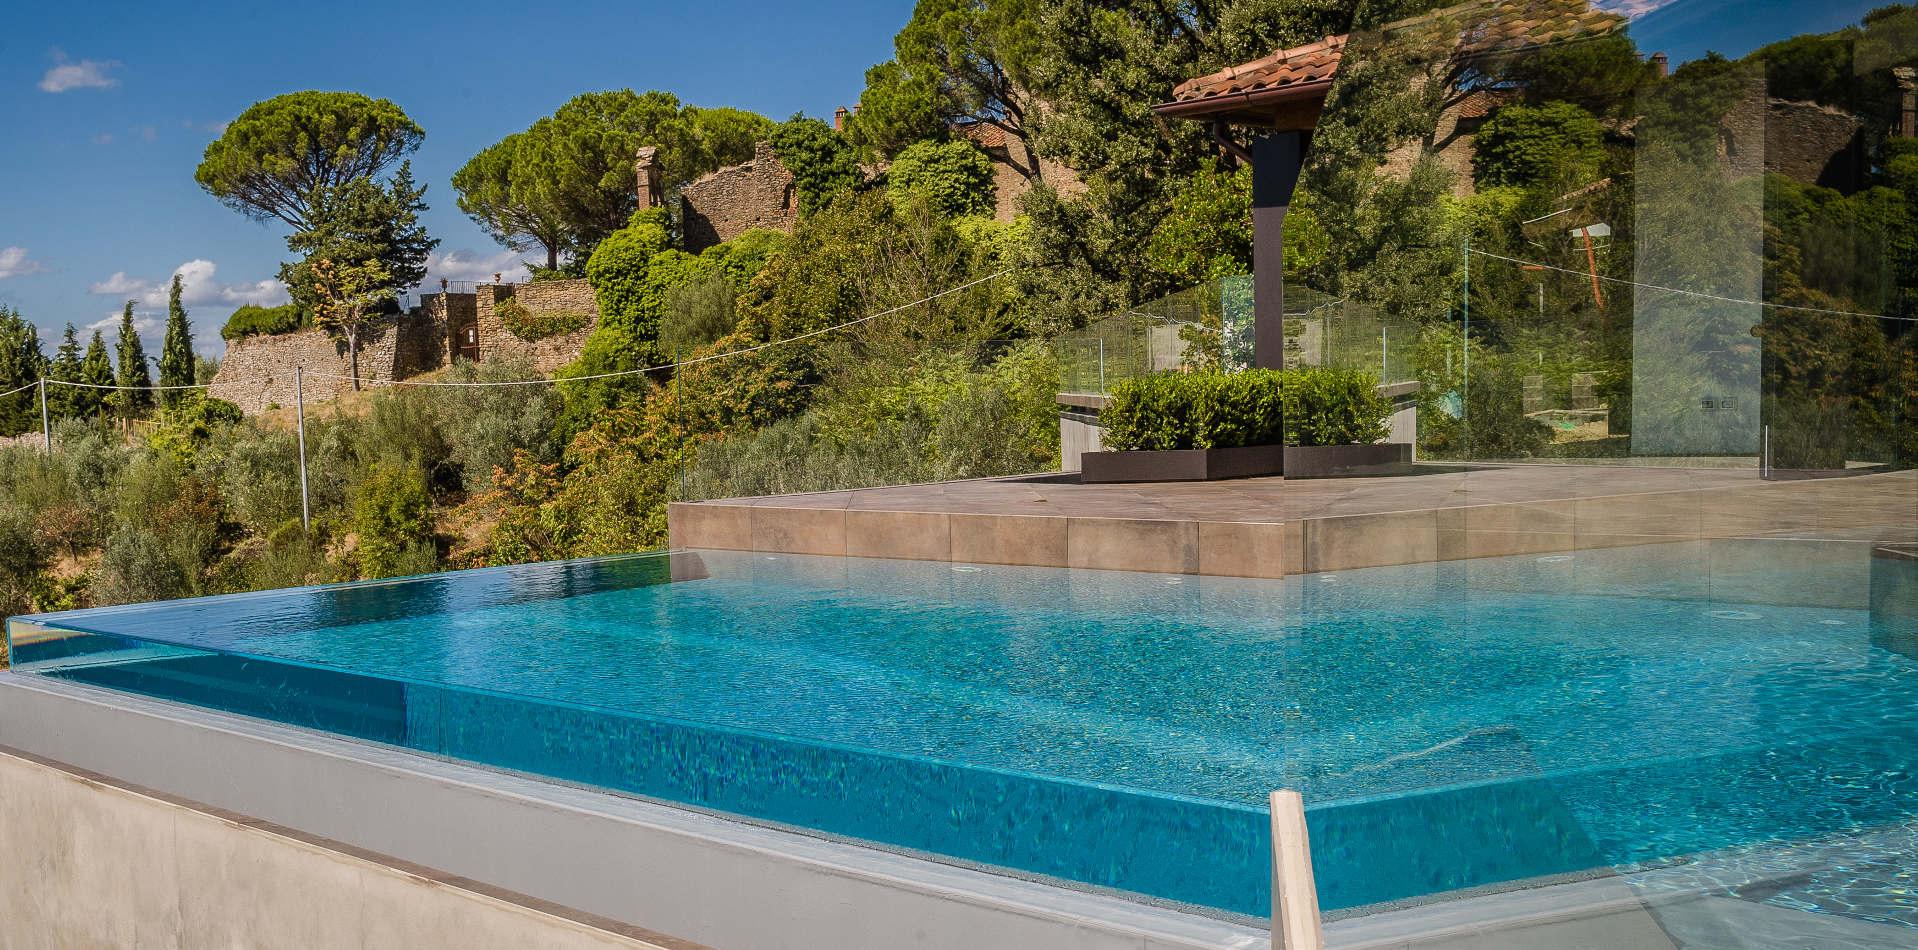 Piscine Sfioro A Cascata sfioro crystal ~ piscine castiglione